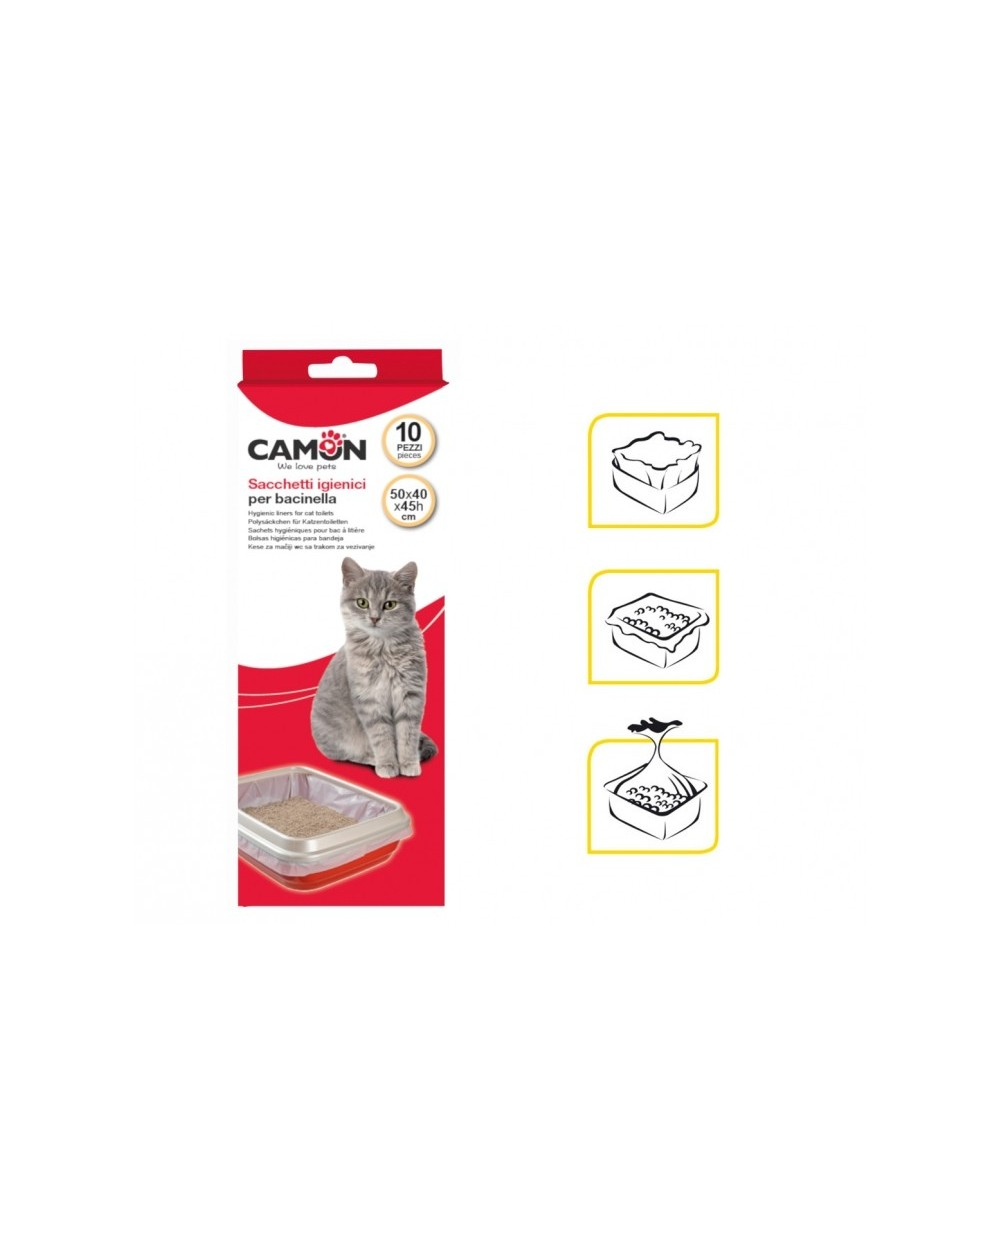 Camon Sacchetti Igienici per Lettiera - Sacchetti per Vaschetta - 10 Pz